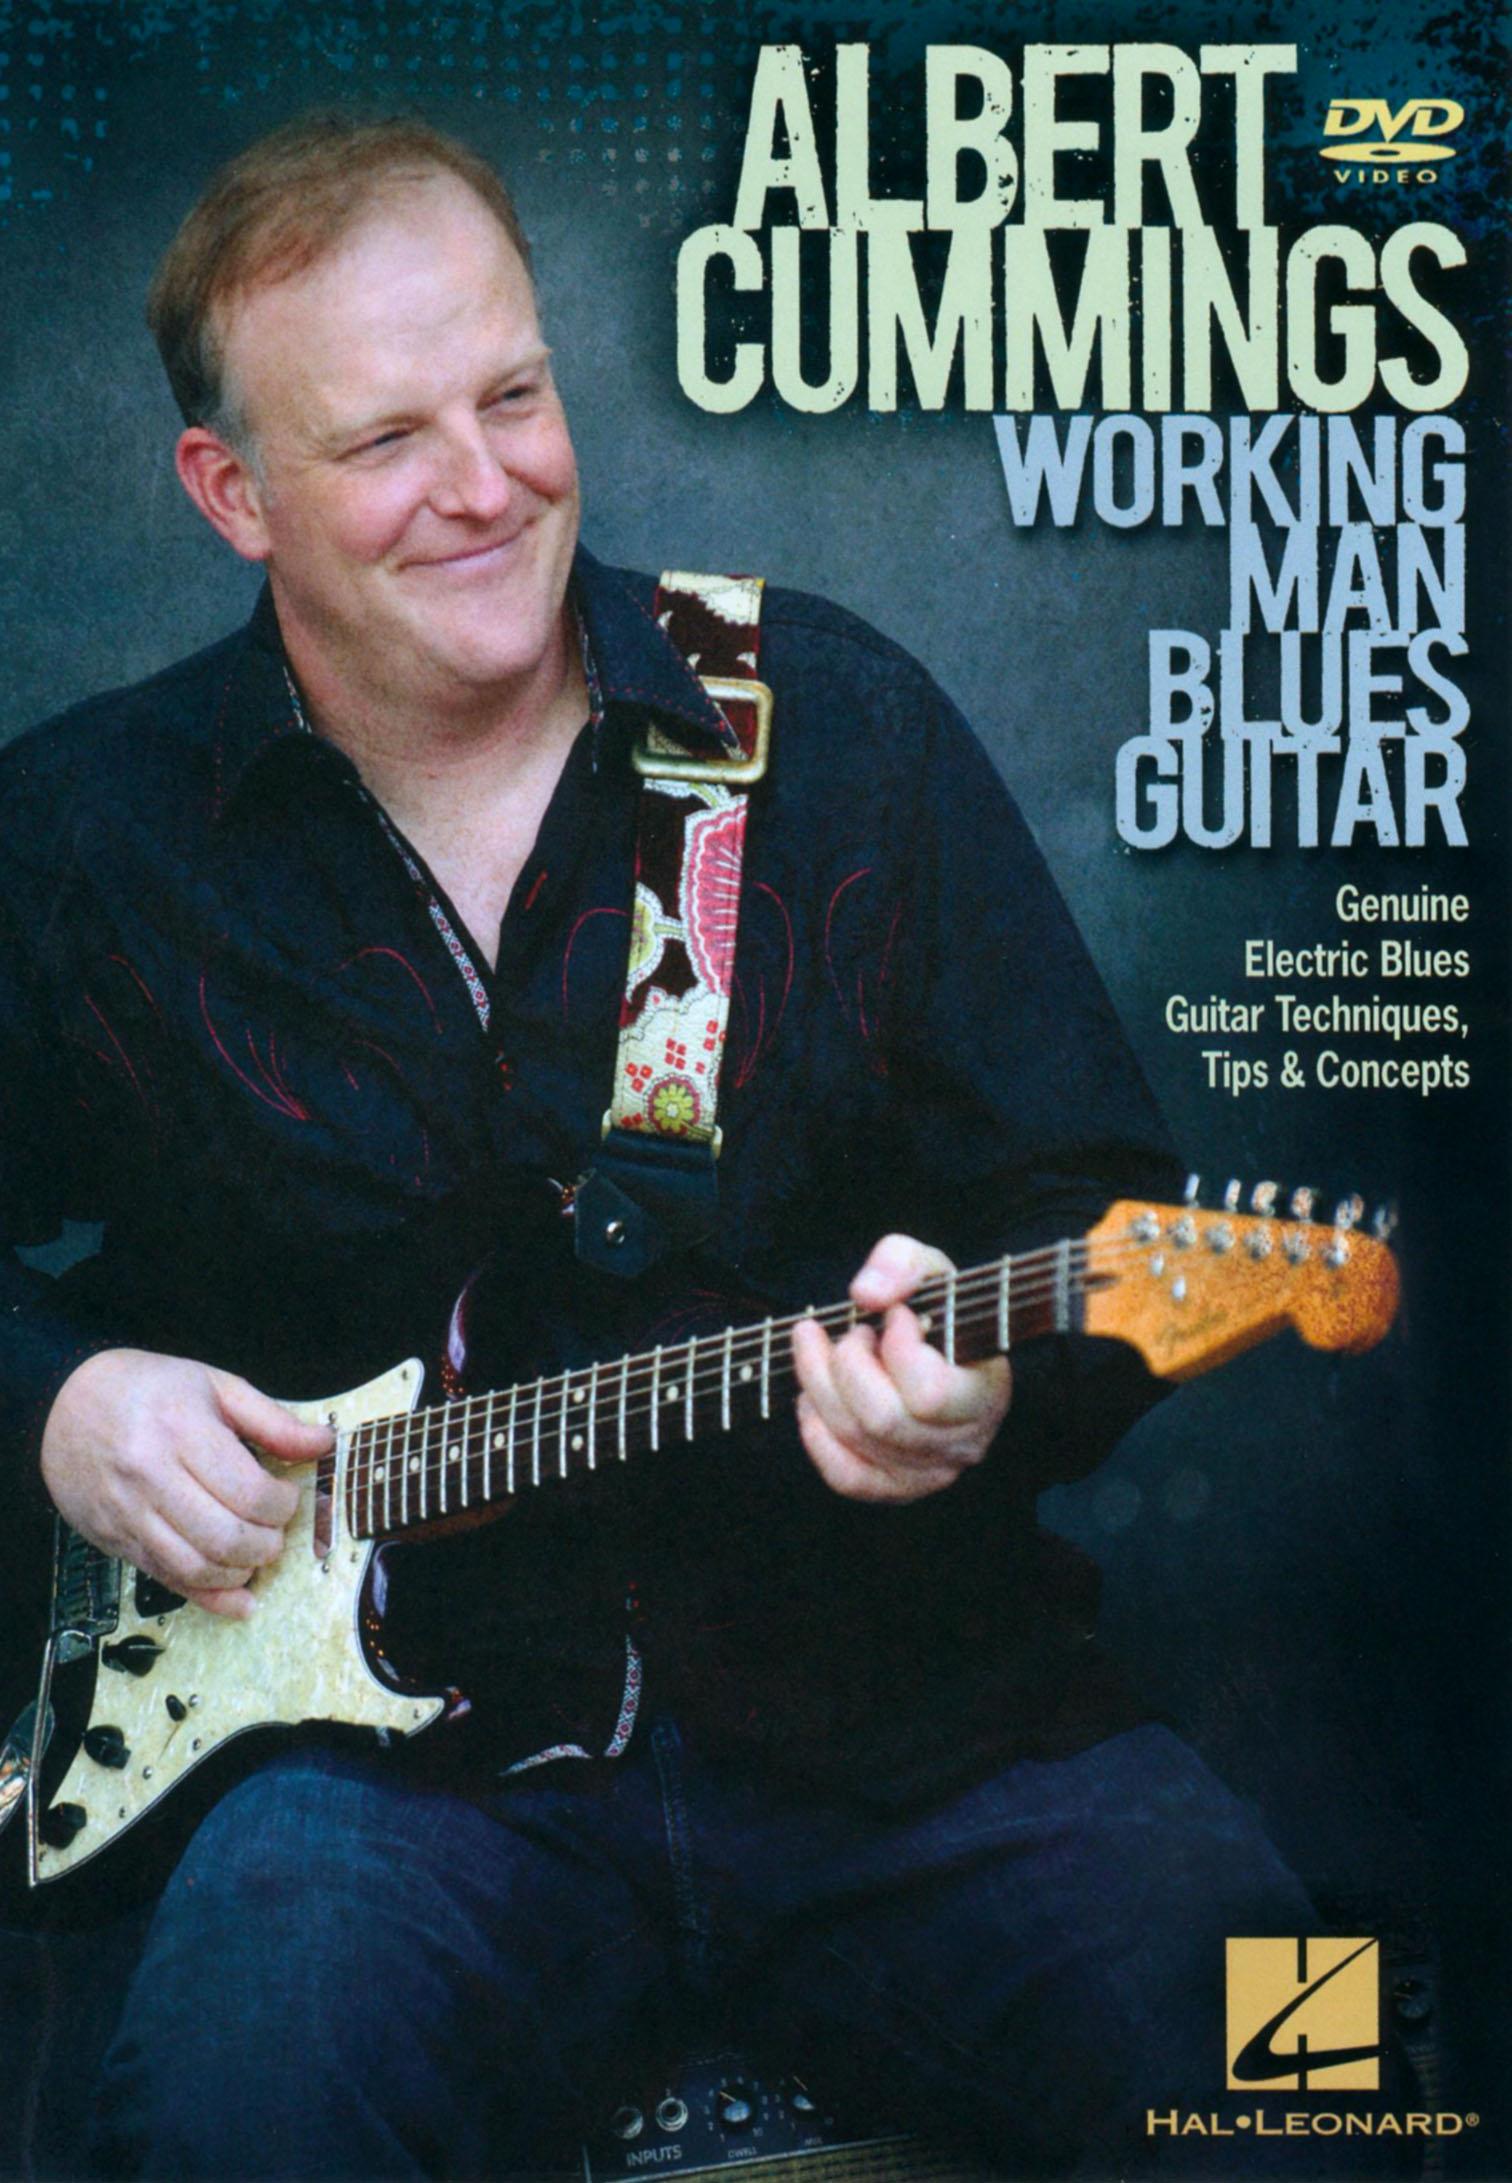 Albert Cummings: Working Man Blues Guitar